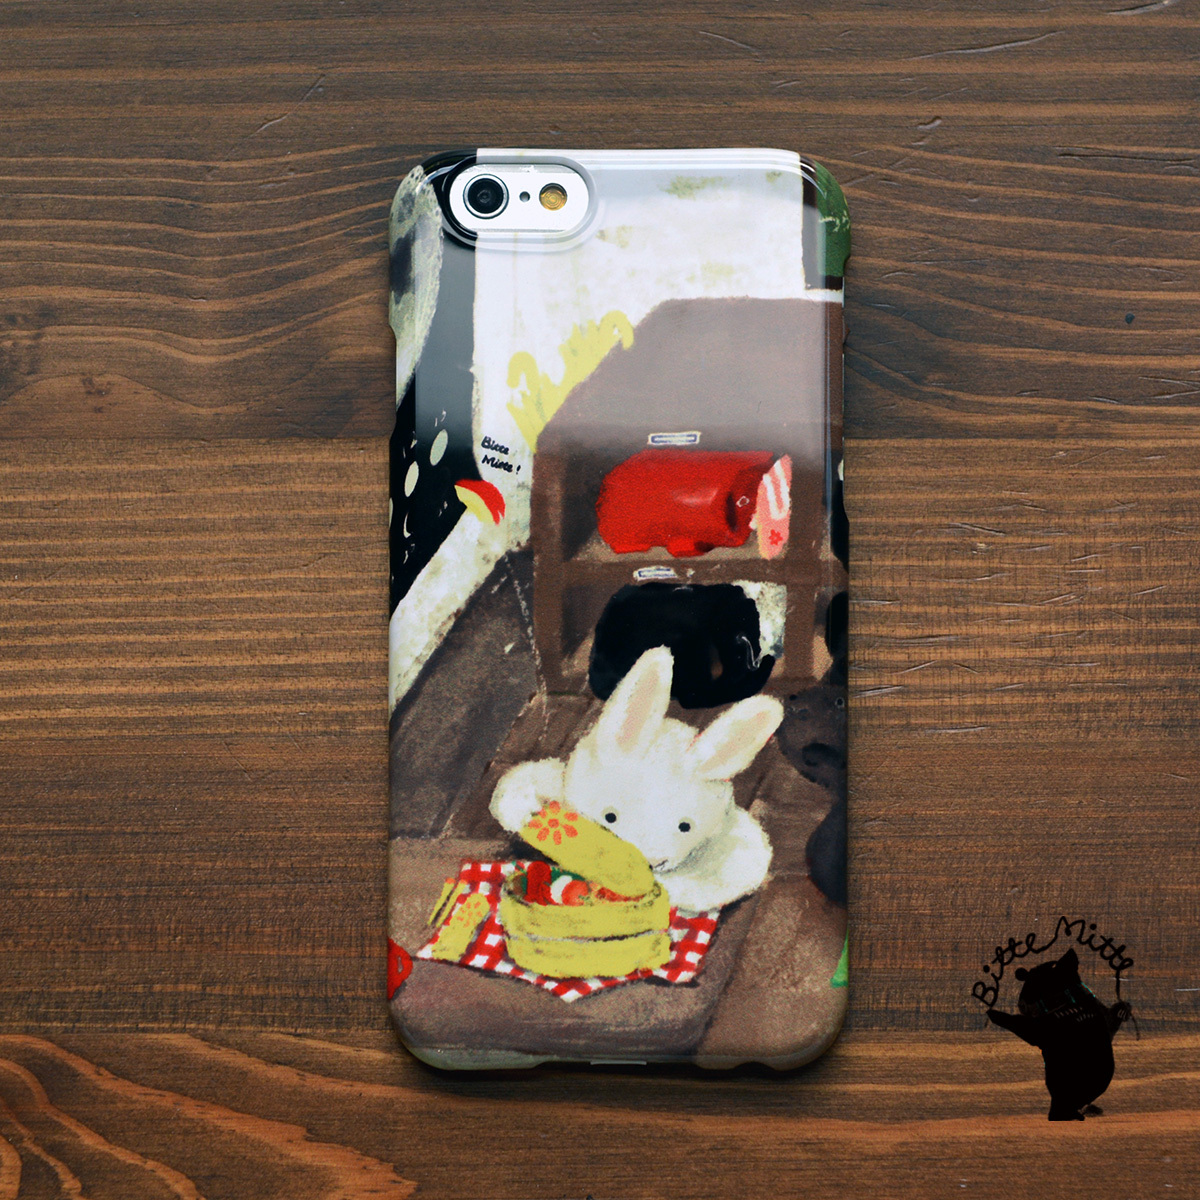 iphone6s ケース ウサギ iphone6s ケース うさぎ iphone6 ケース ウサギ iphoneケース うさぎ柄 逃げたうさぎリンゴ/Bitte Mitte!